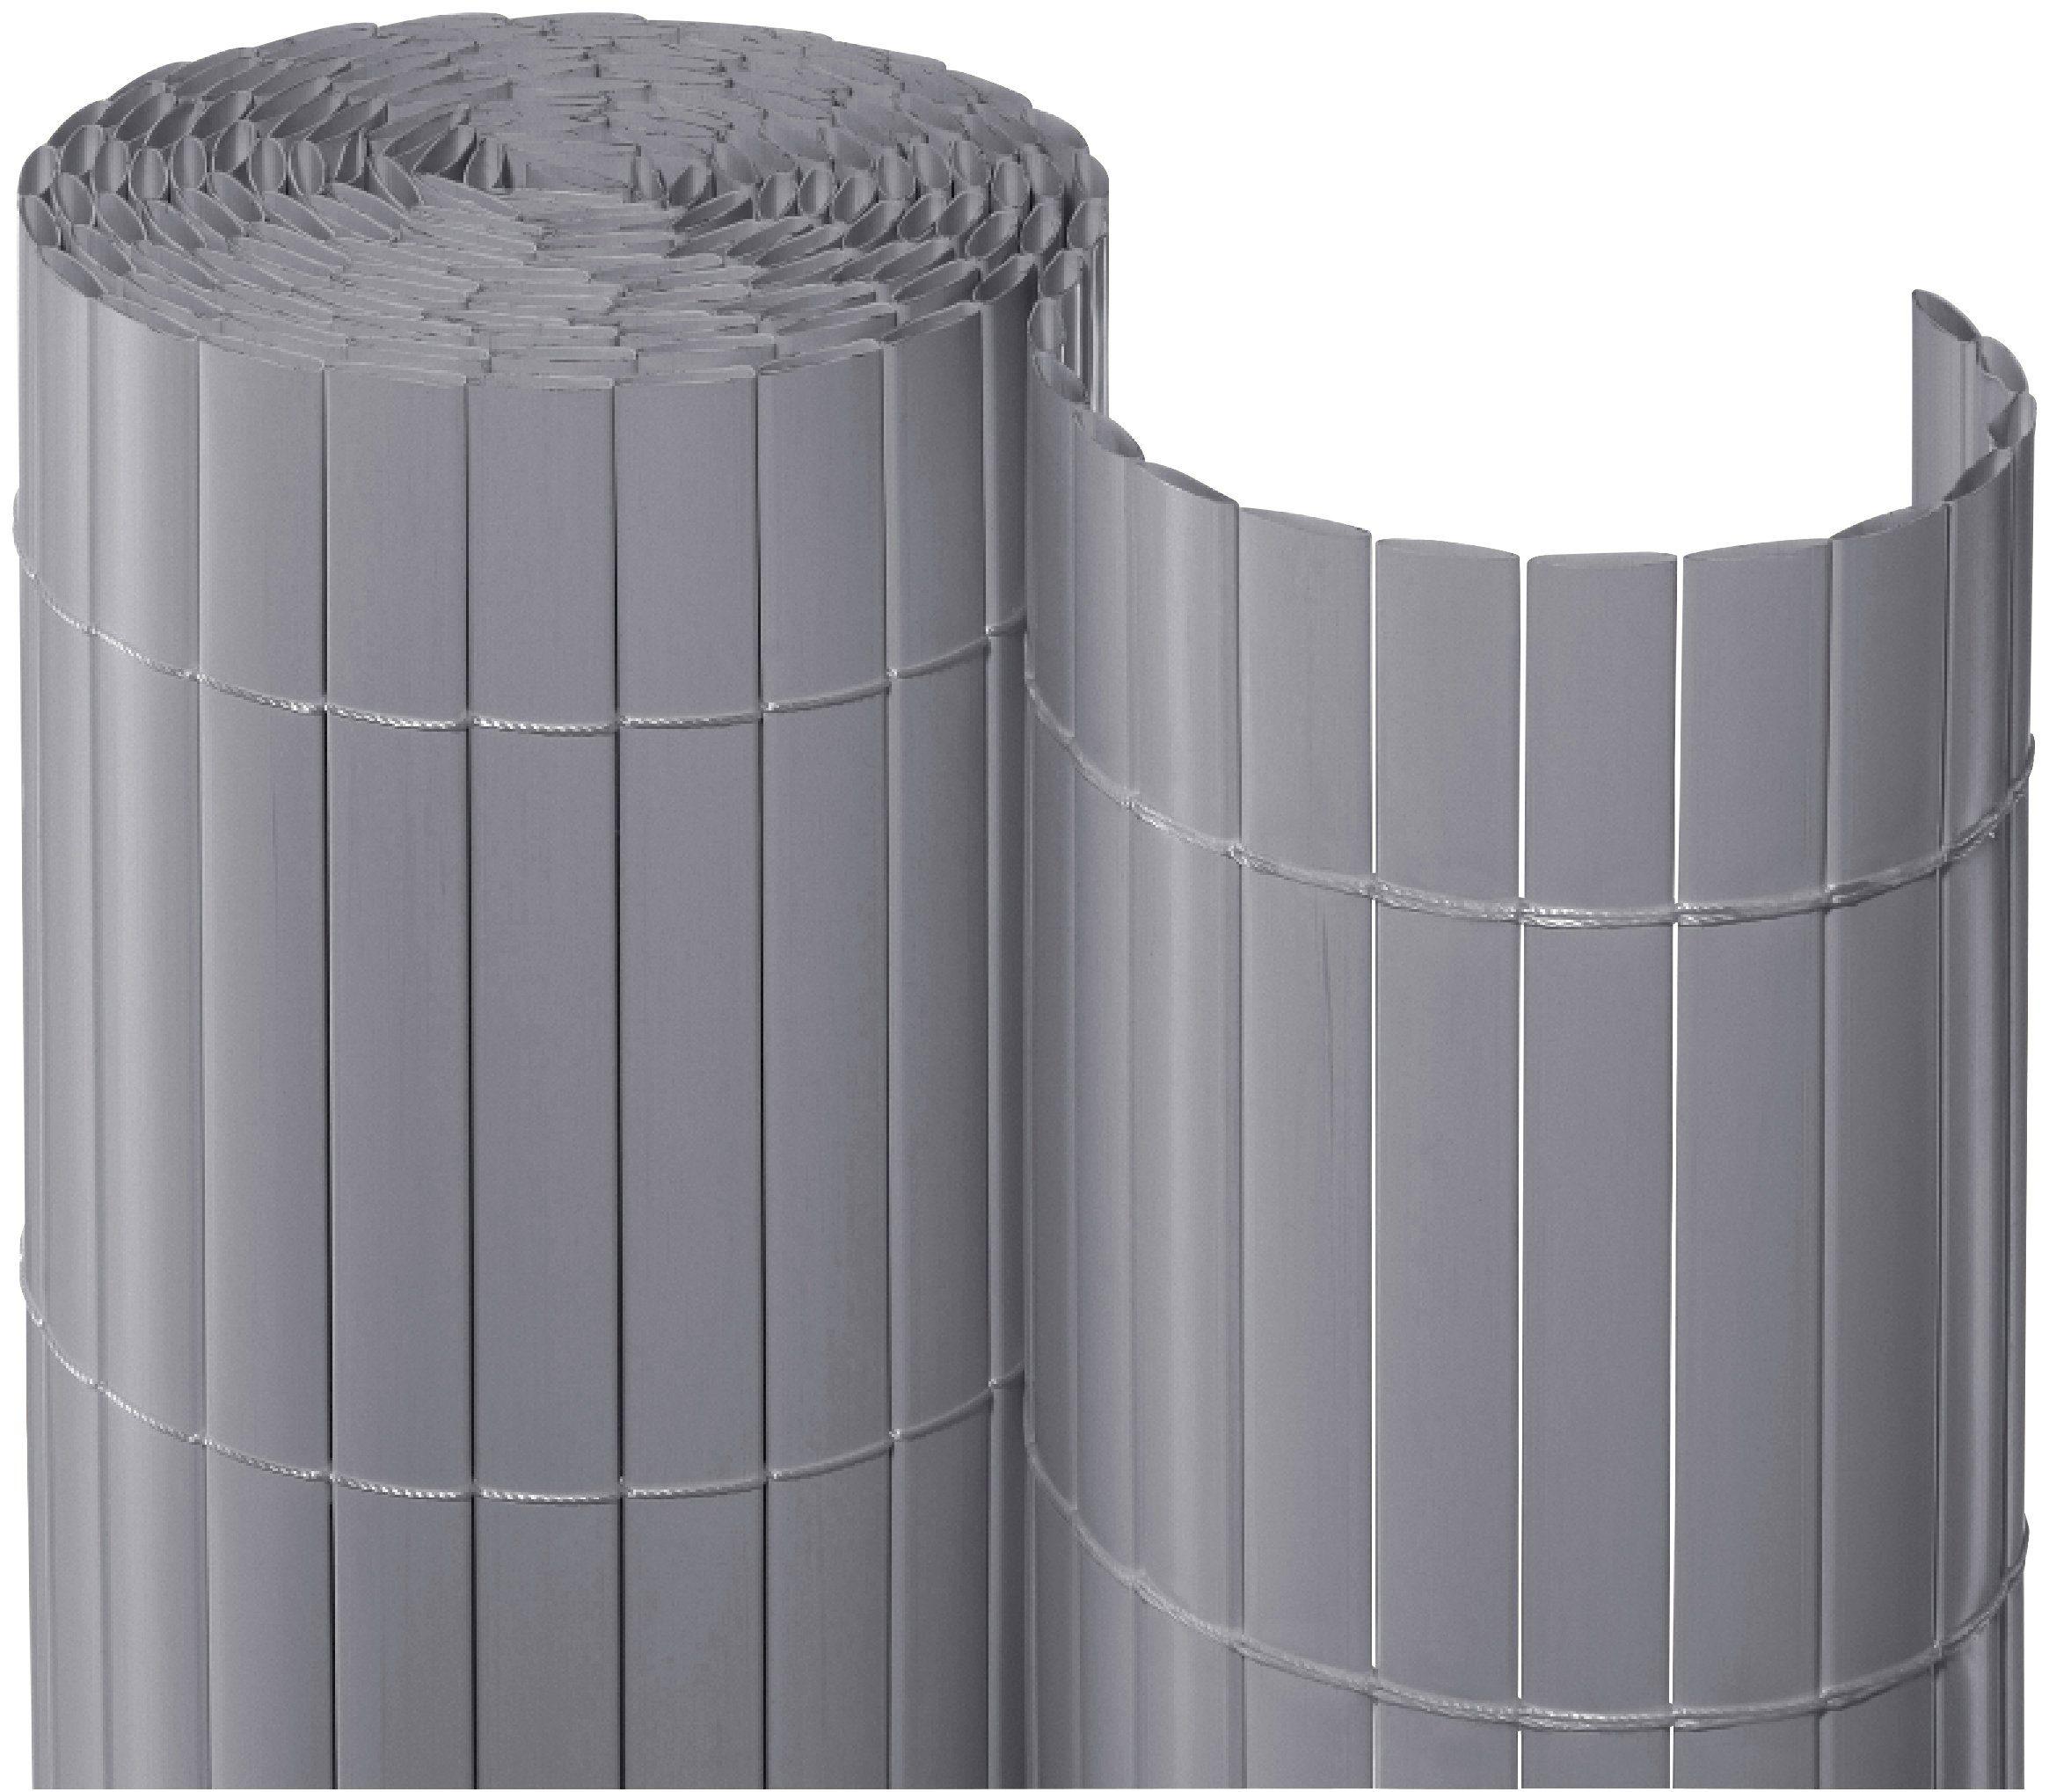 Balkonsichtschutz , BxH: 300x90 cm, silberfarben